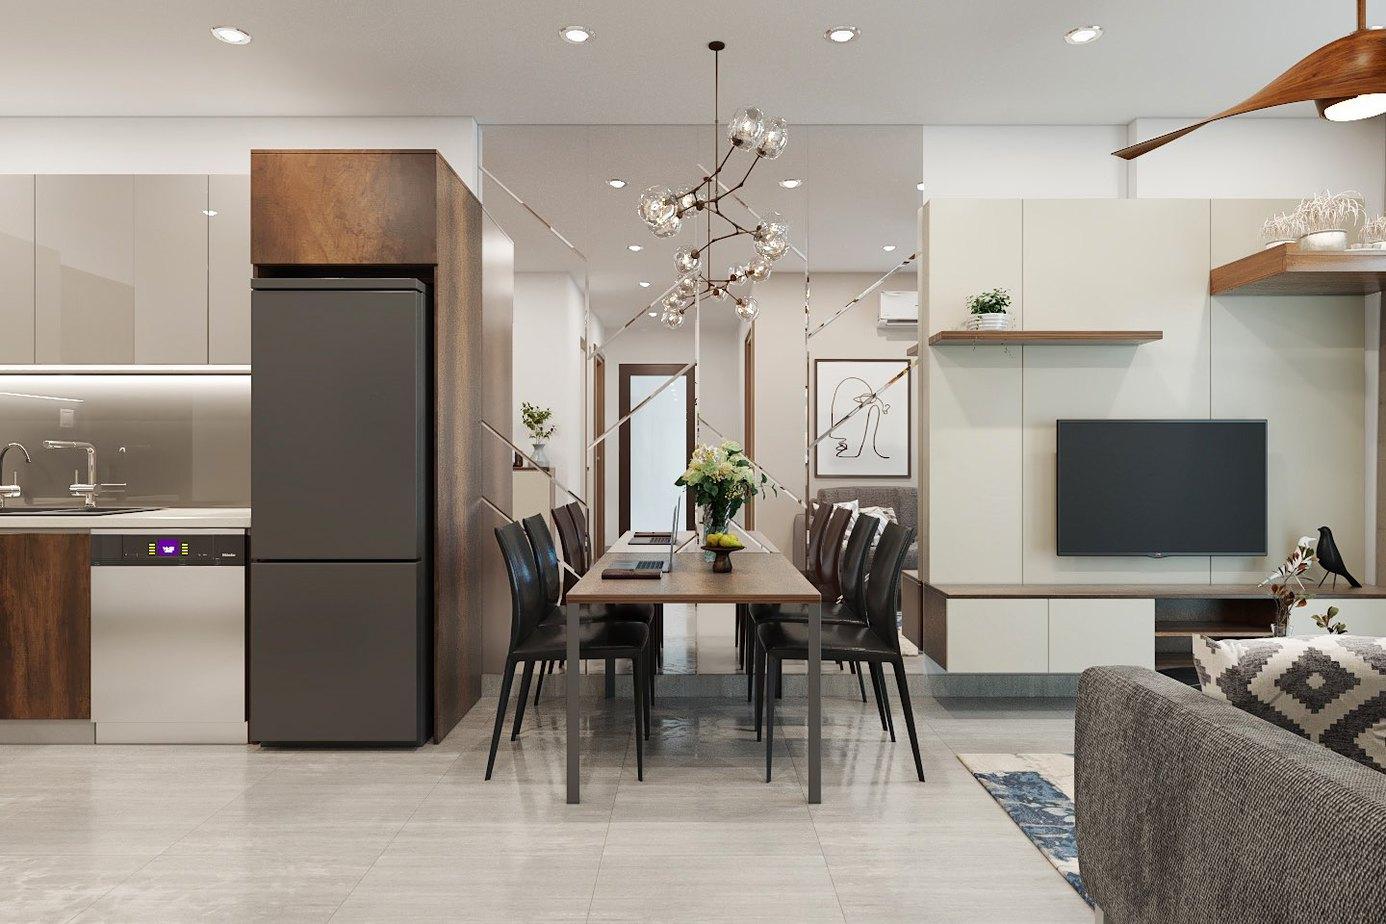 Tận dụng thiết kế tủ bếp để thành chiếc vách ngăn cách khu vực bếp nấu và bàn ăn giúp tiết kiệm không gian một cách tối ưu.